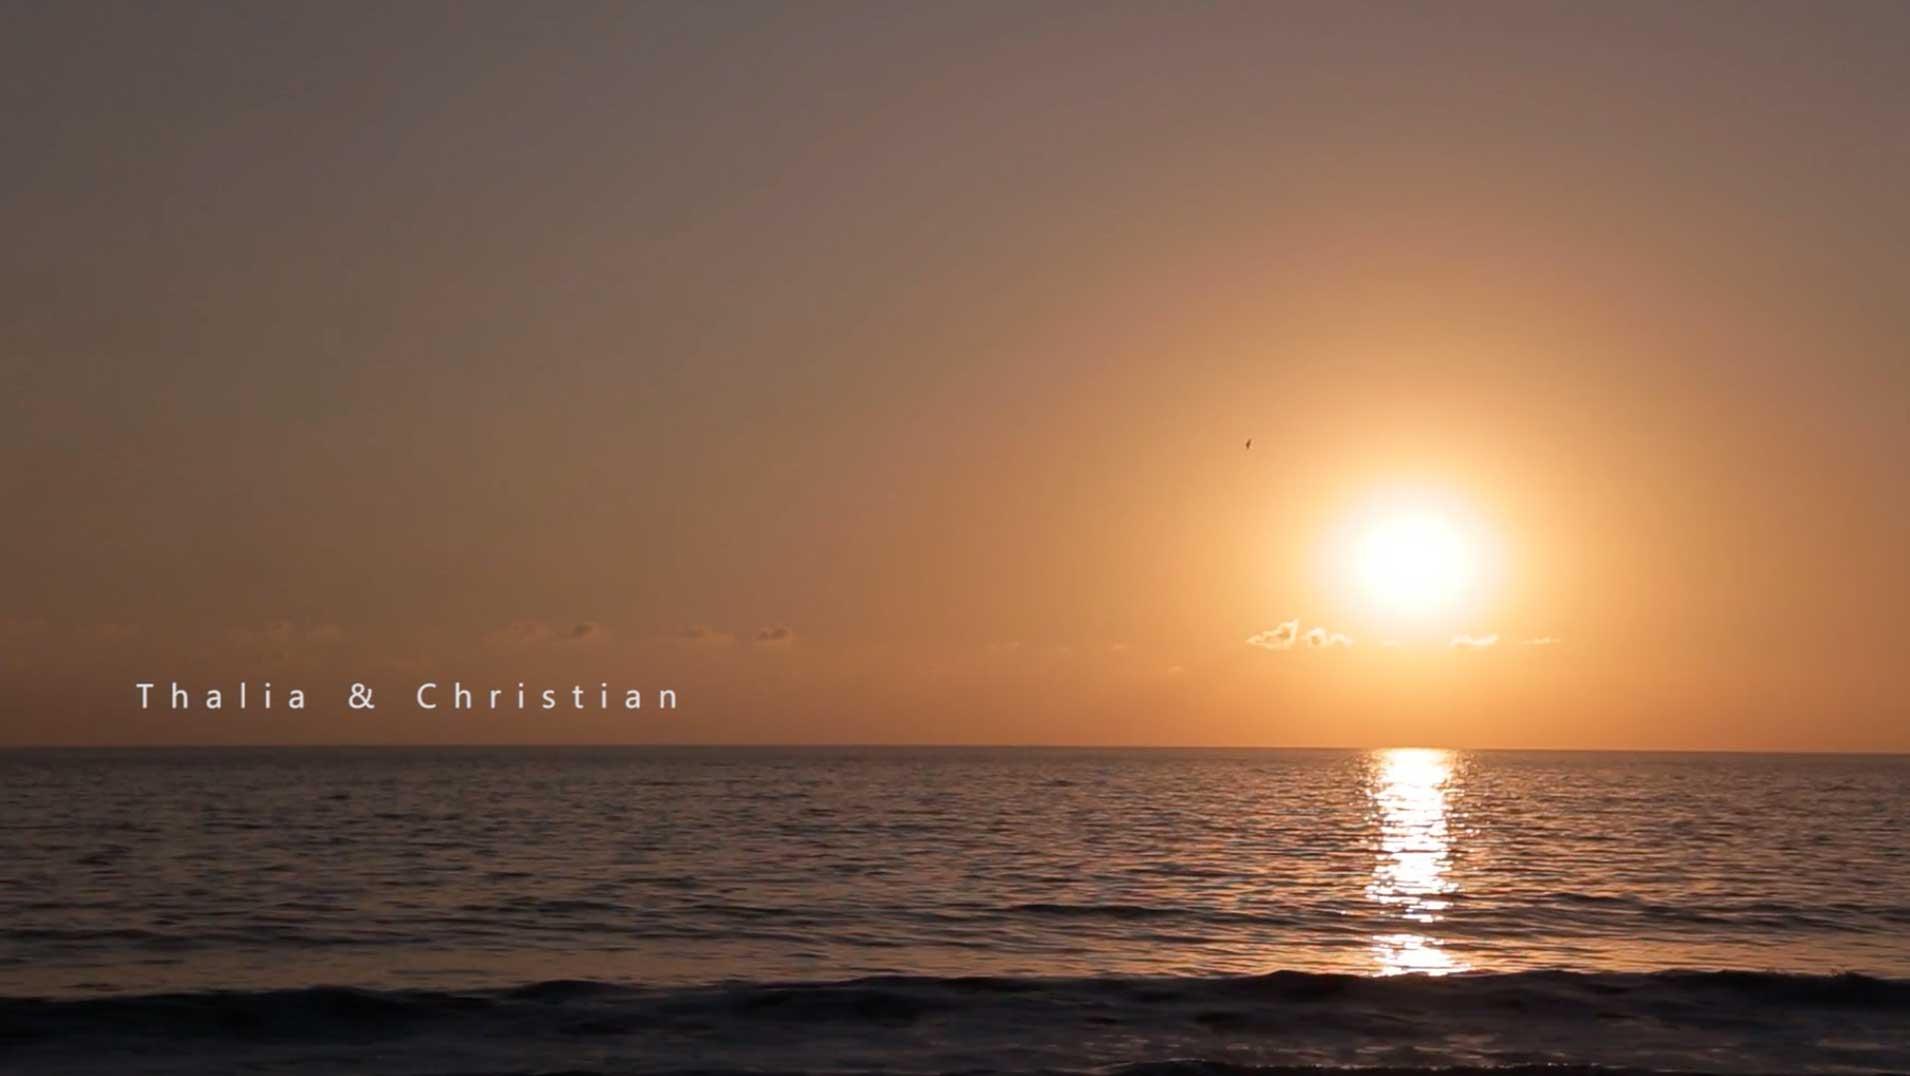 Thalia & Christian